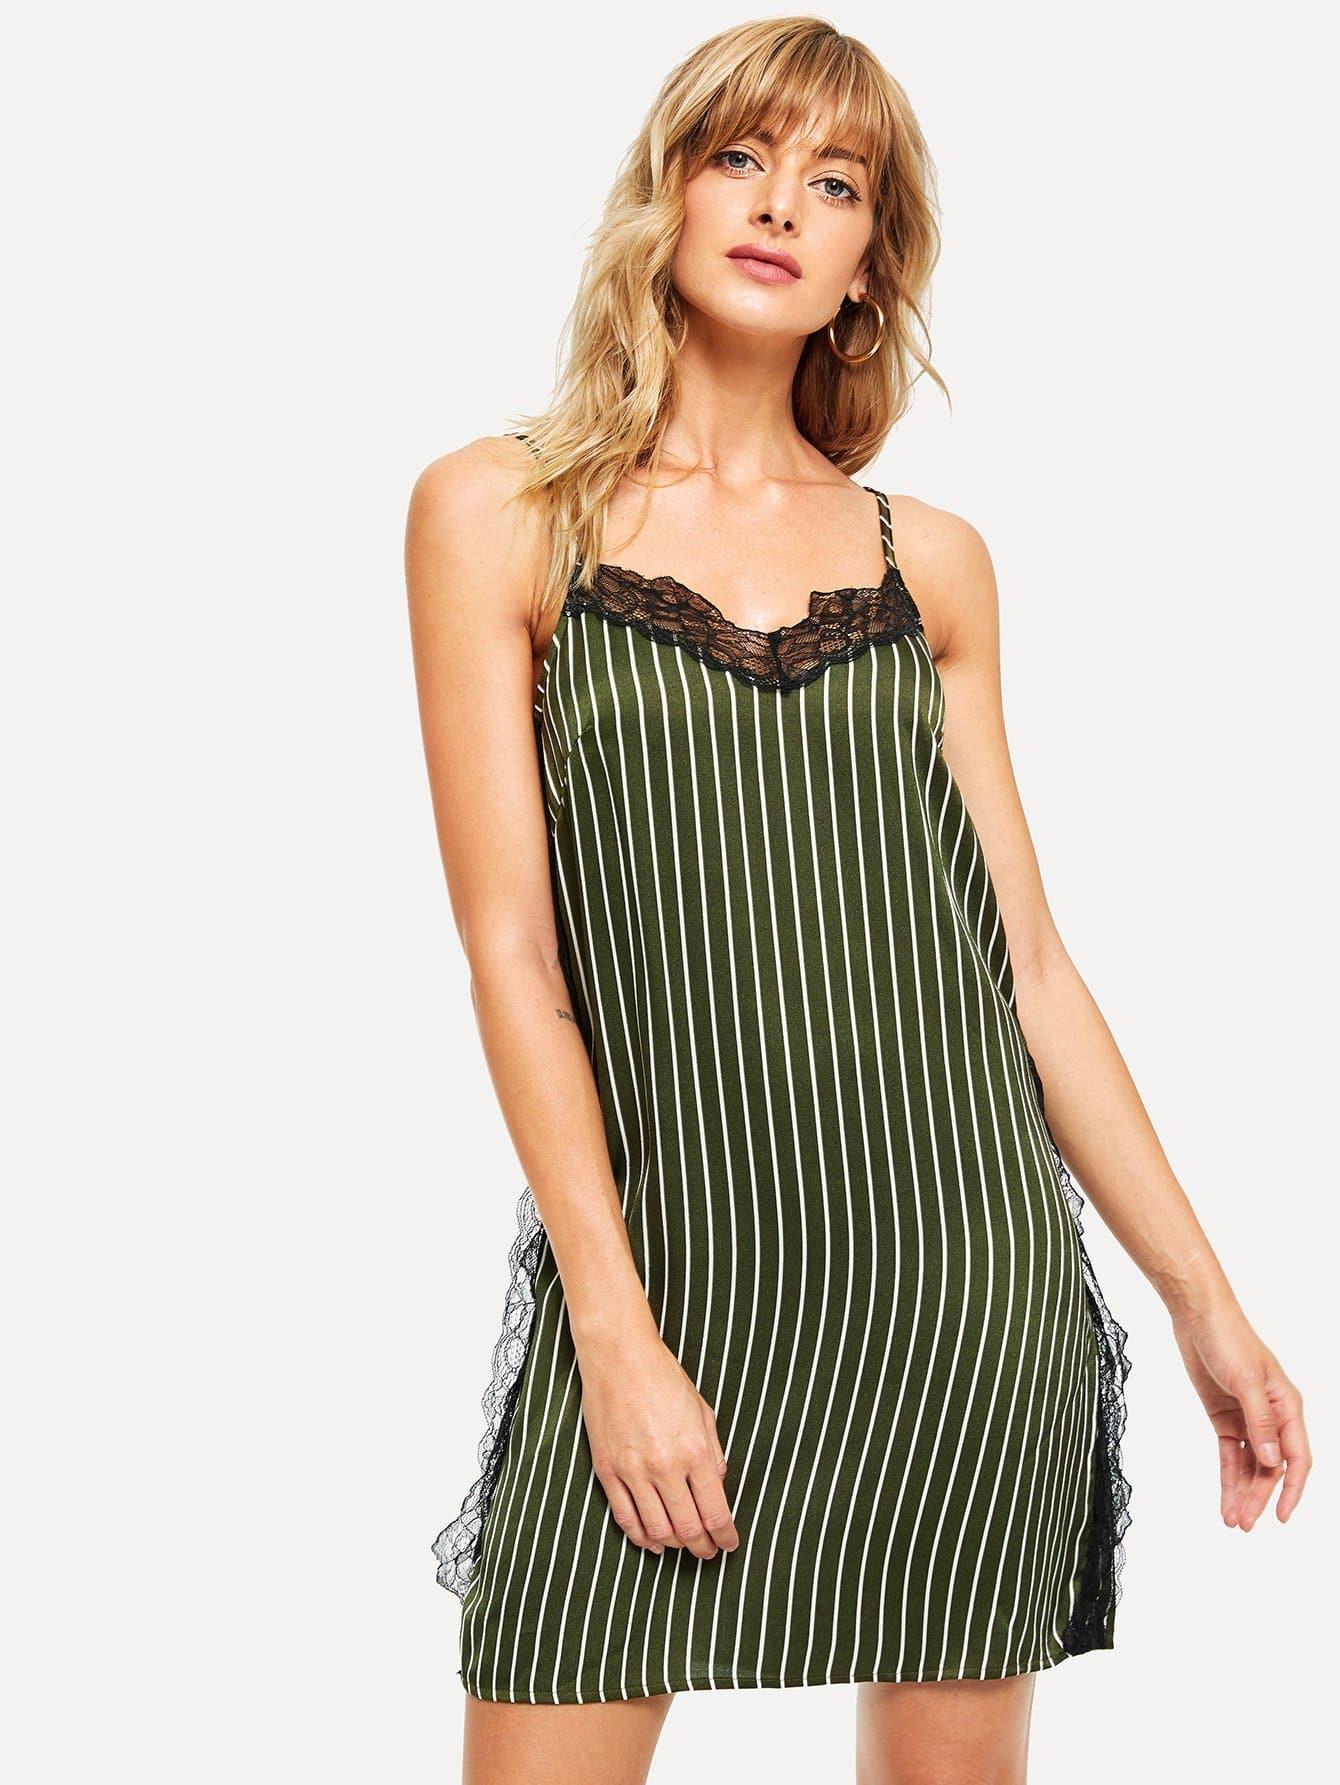 Купить Ночное платье с полосками и кружевами, Masha, SheIn